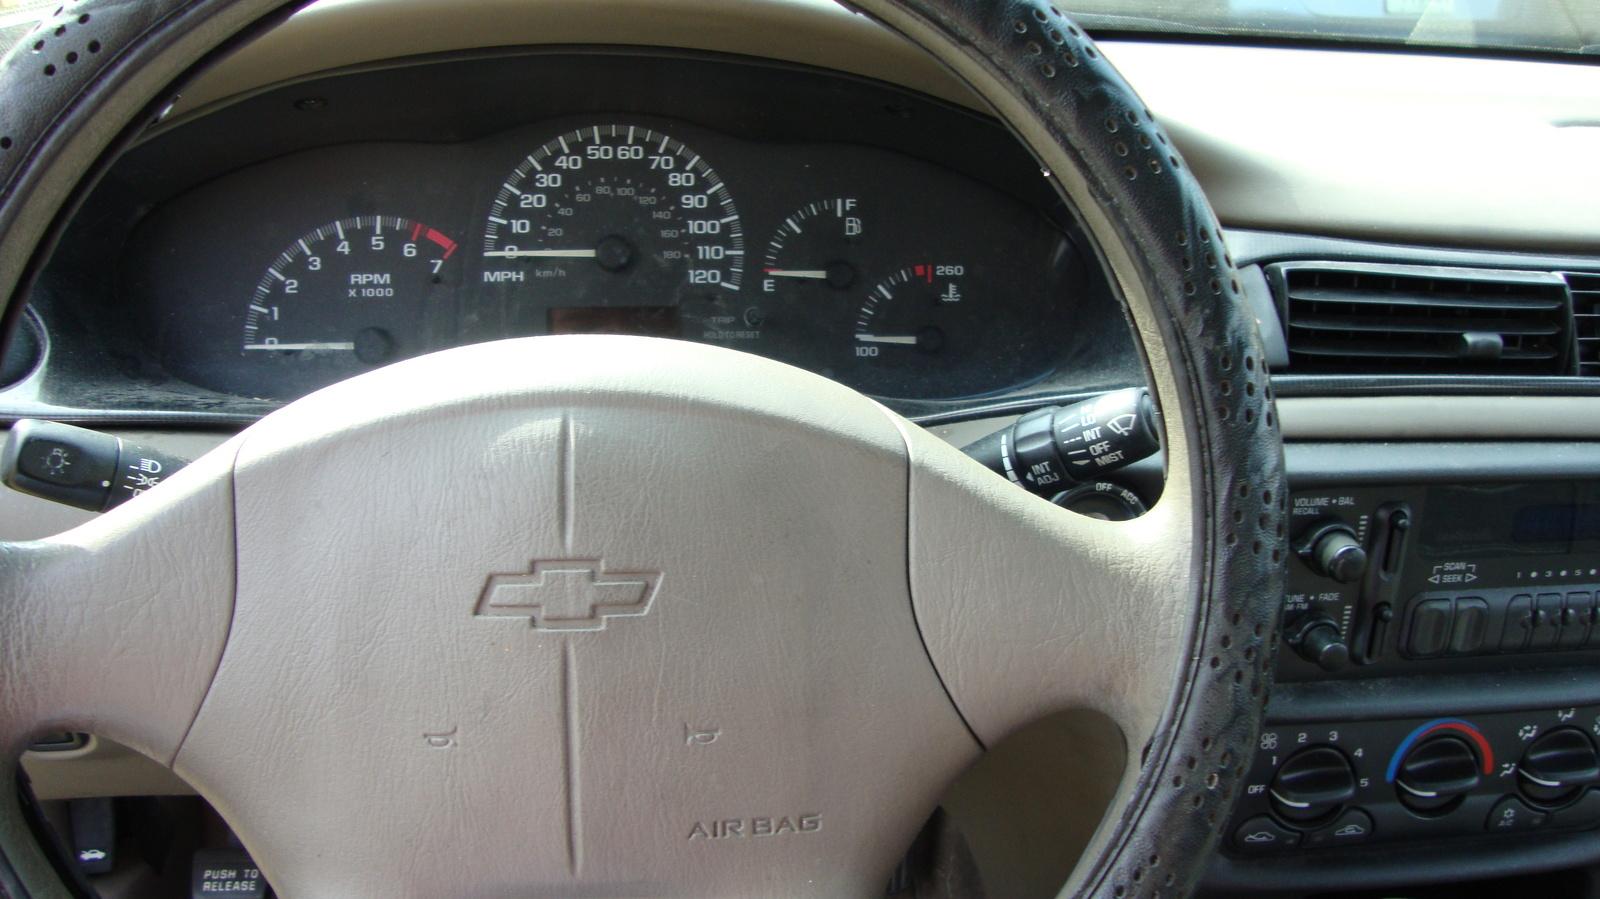 2000 Chevrolet Malibu - Pictures - CarGurus